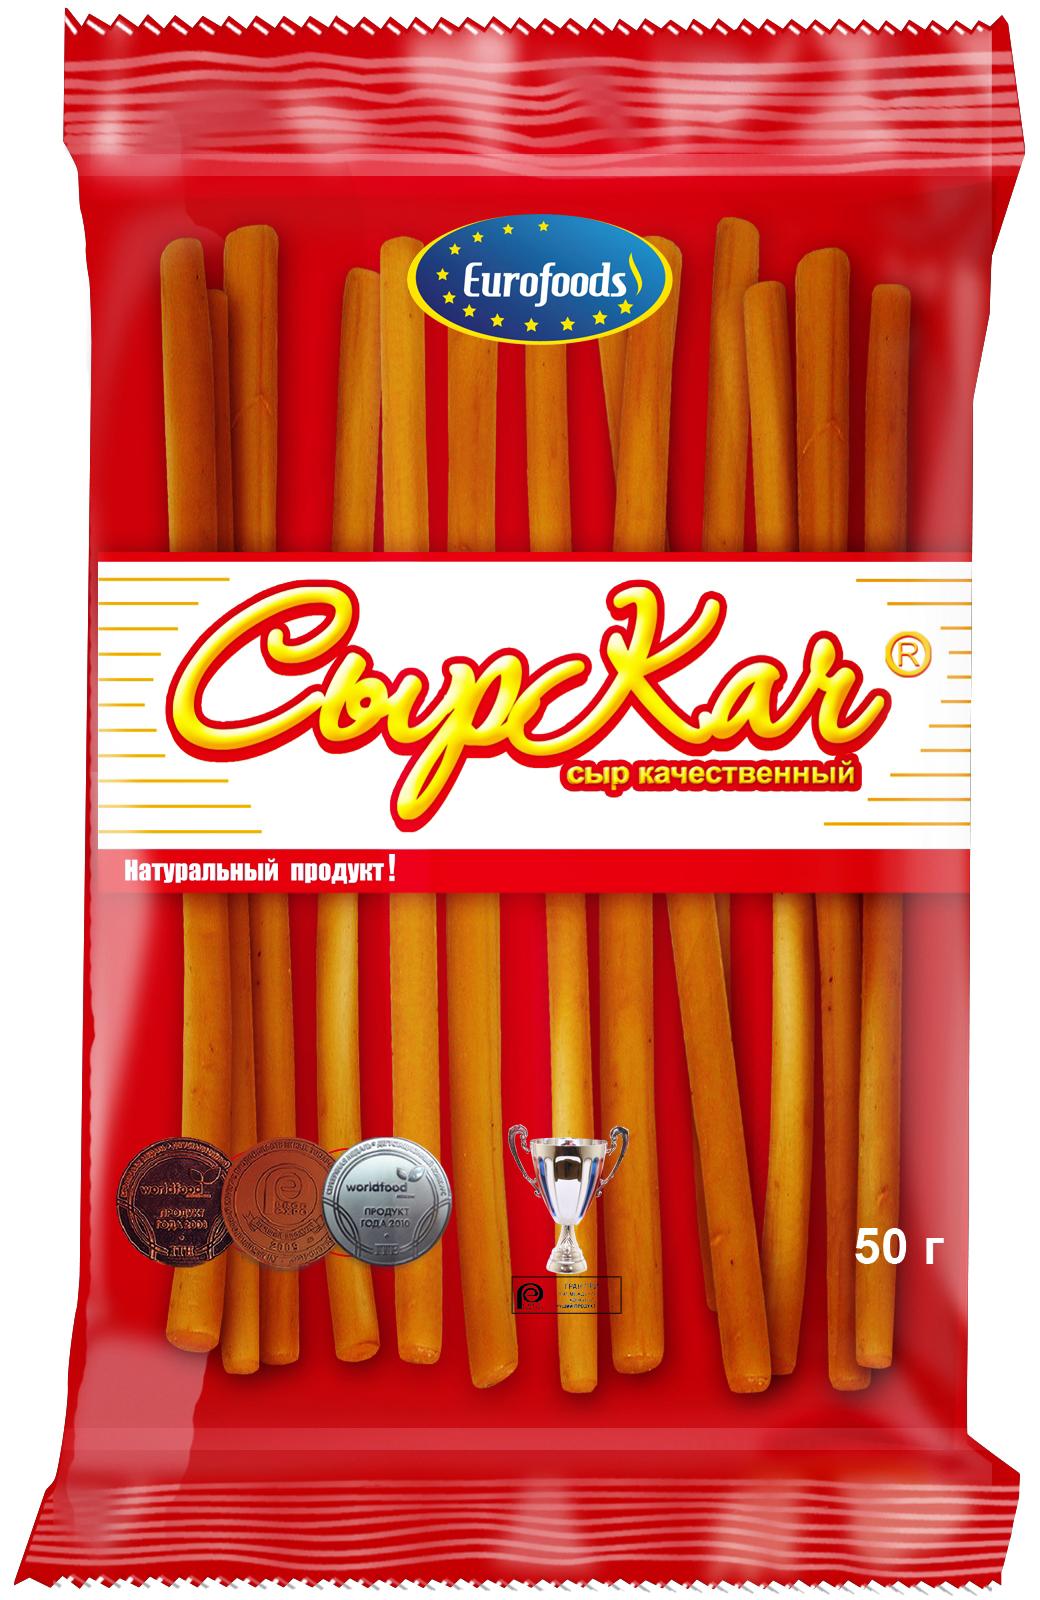 Сыркач Сыр копченый палочки, 50 г жидкий дым купить в аптеке